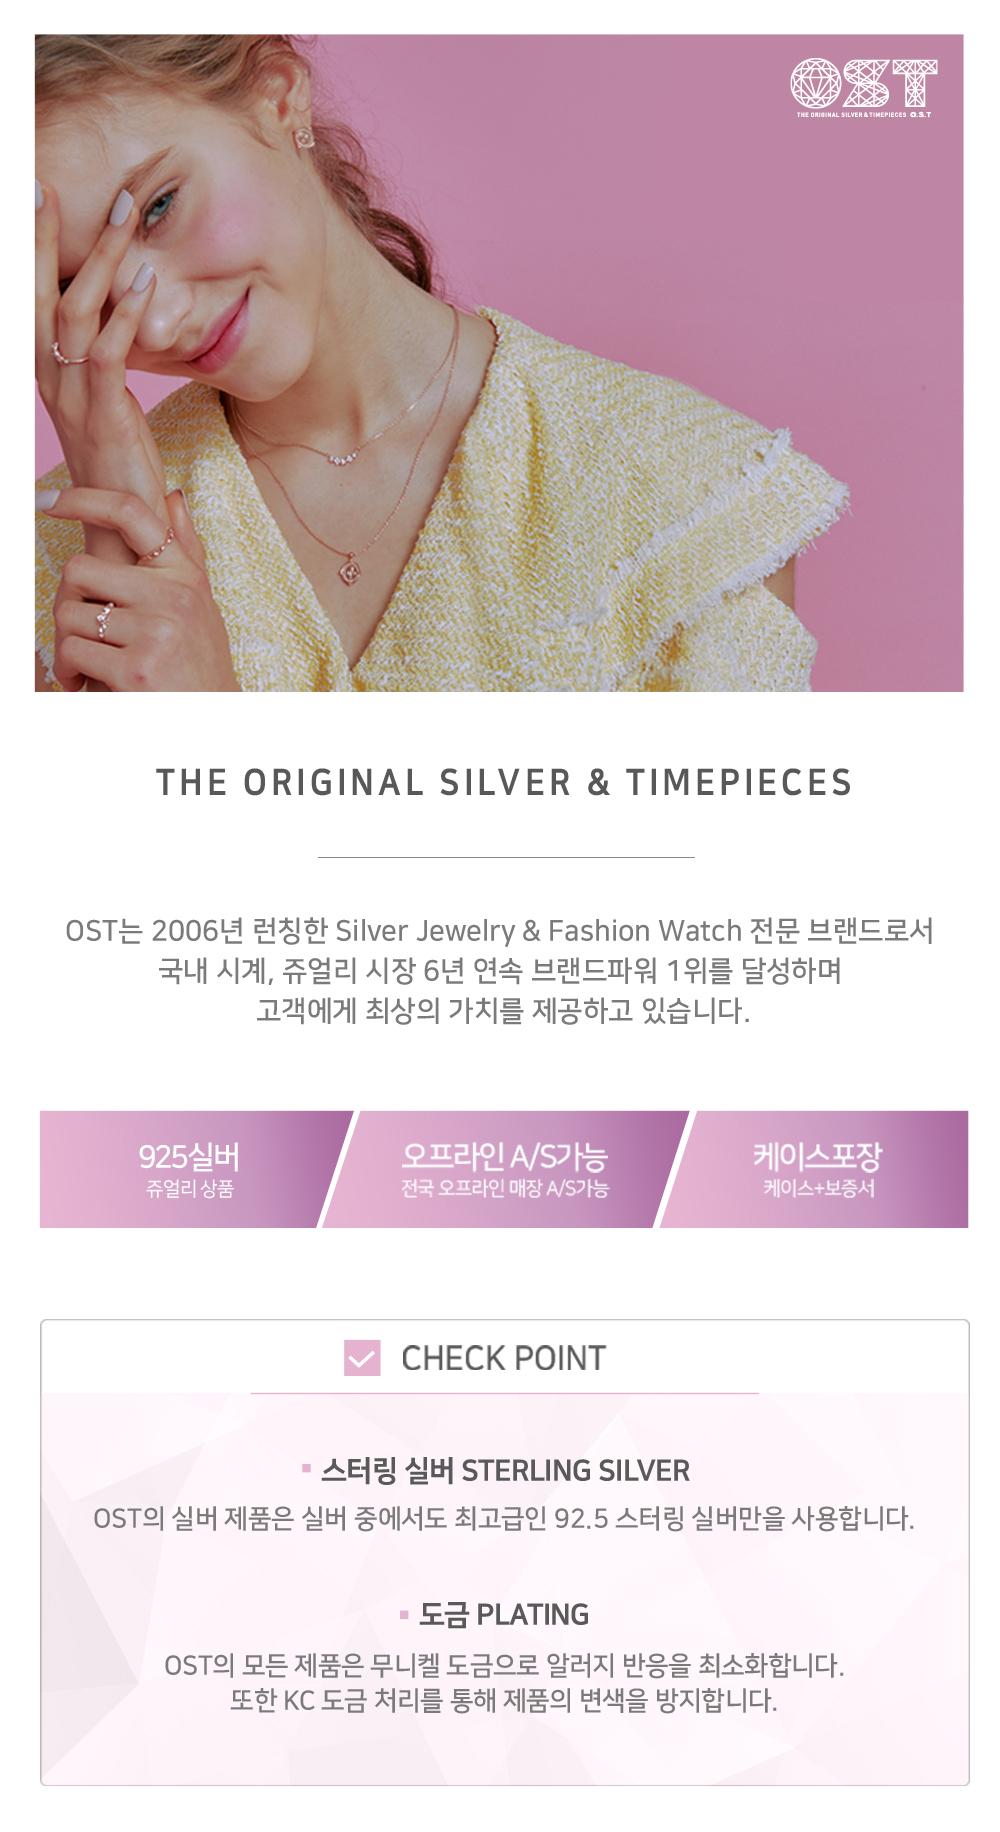 오에스티(OST) [Timepieces] 베이직한 데일리 블랙 남성용 커플가죽시계 OTC119806ASB